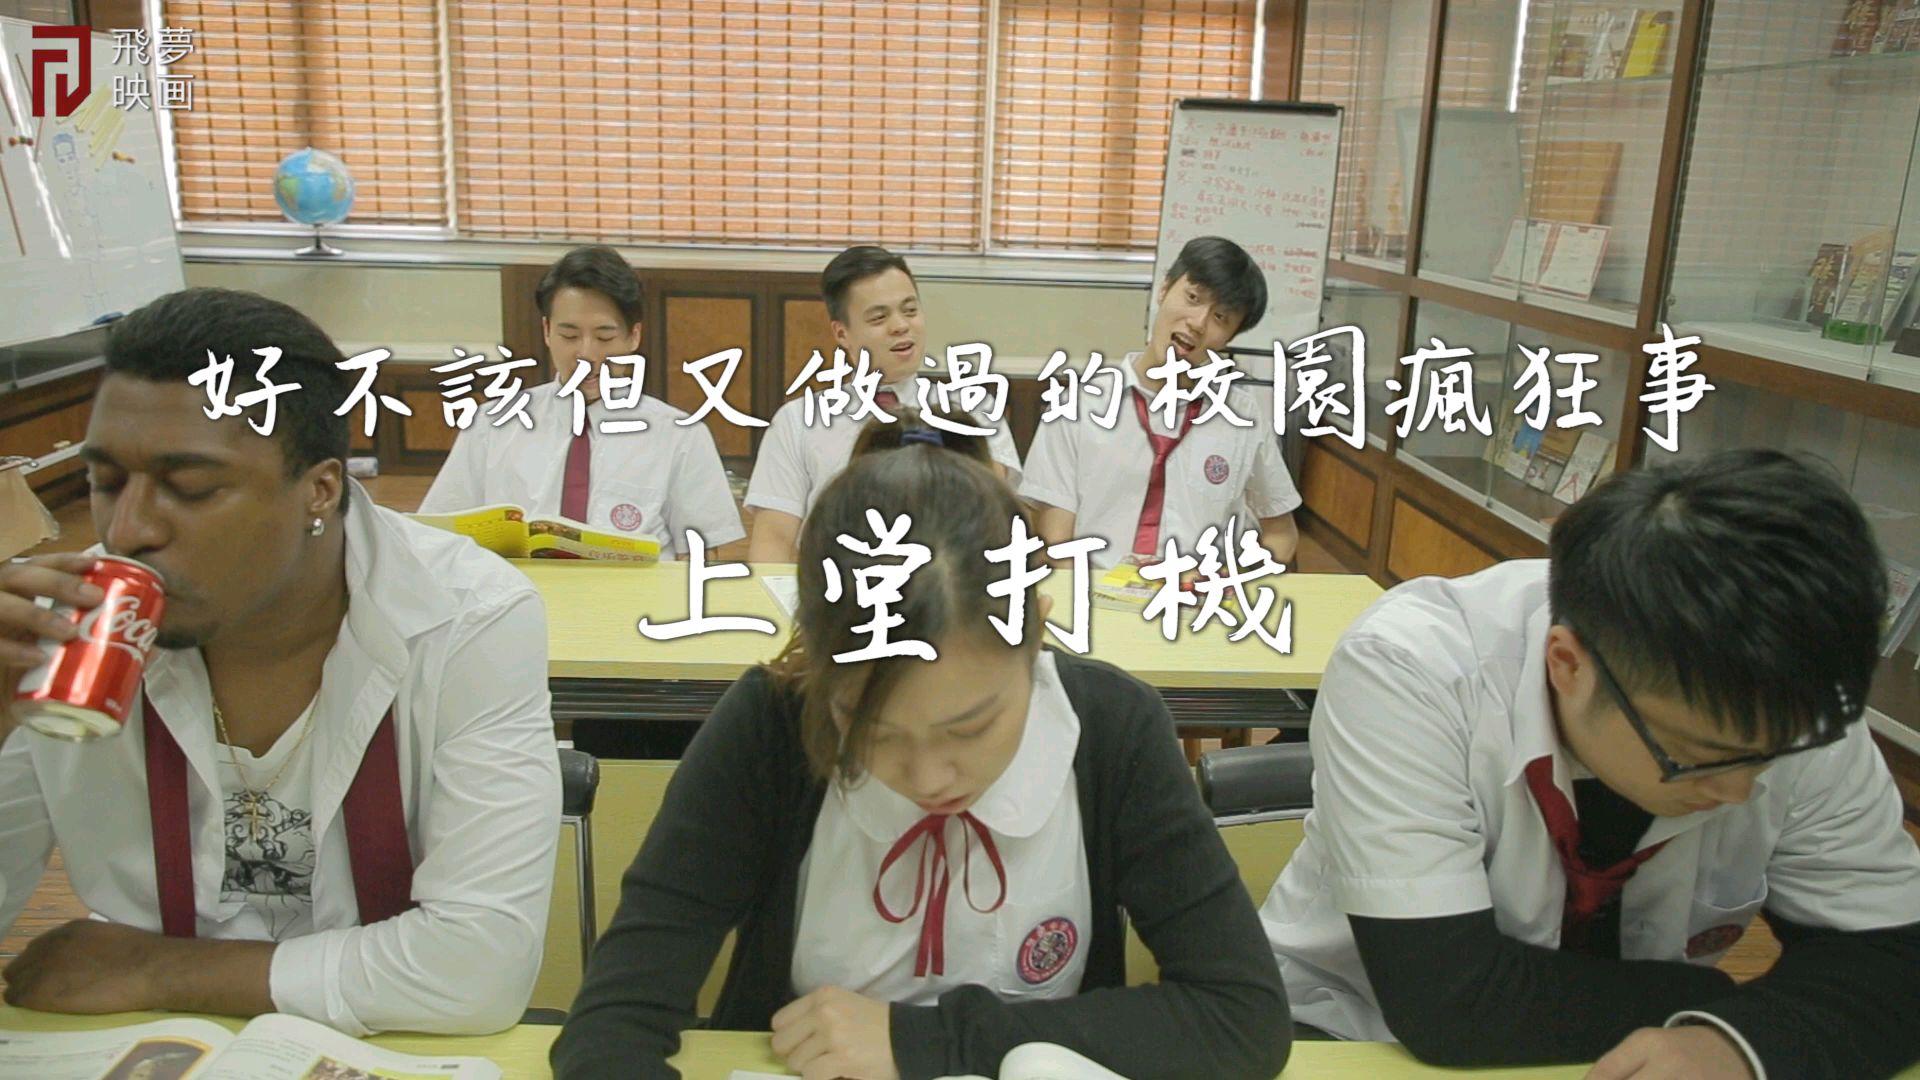 【飛夢映画】请求淫霍字幕组注入灵魂